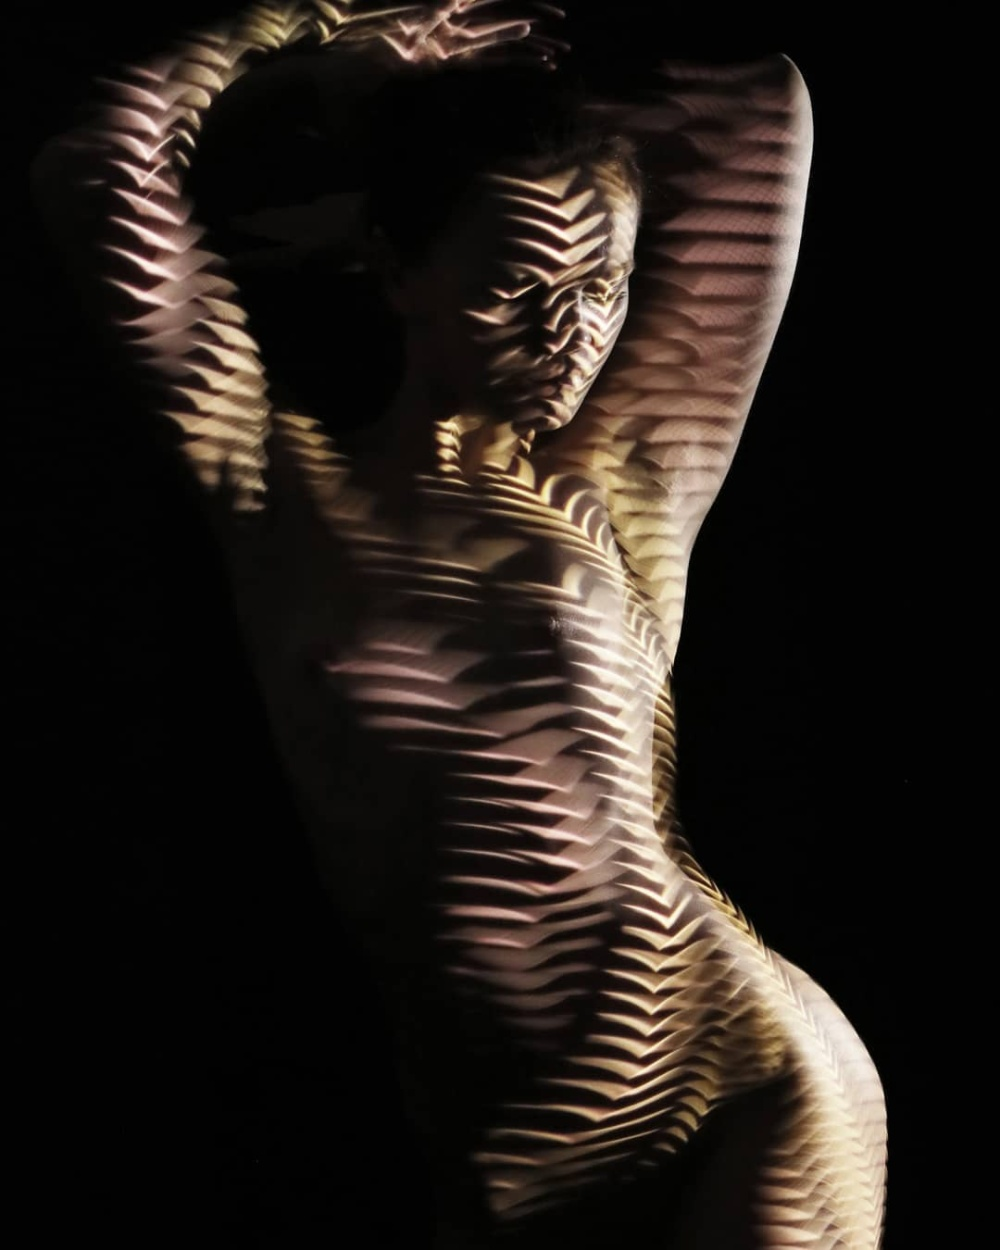 法国艺术摄影师Dani Olivier的人体灯光衣服摄影